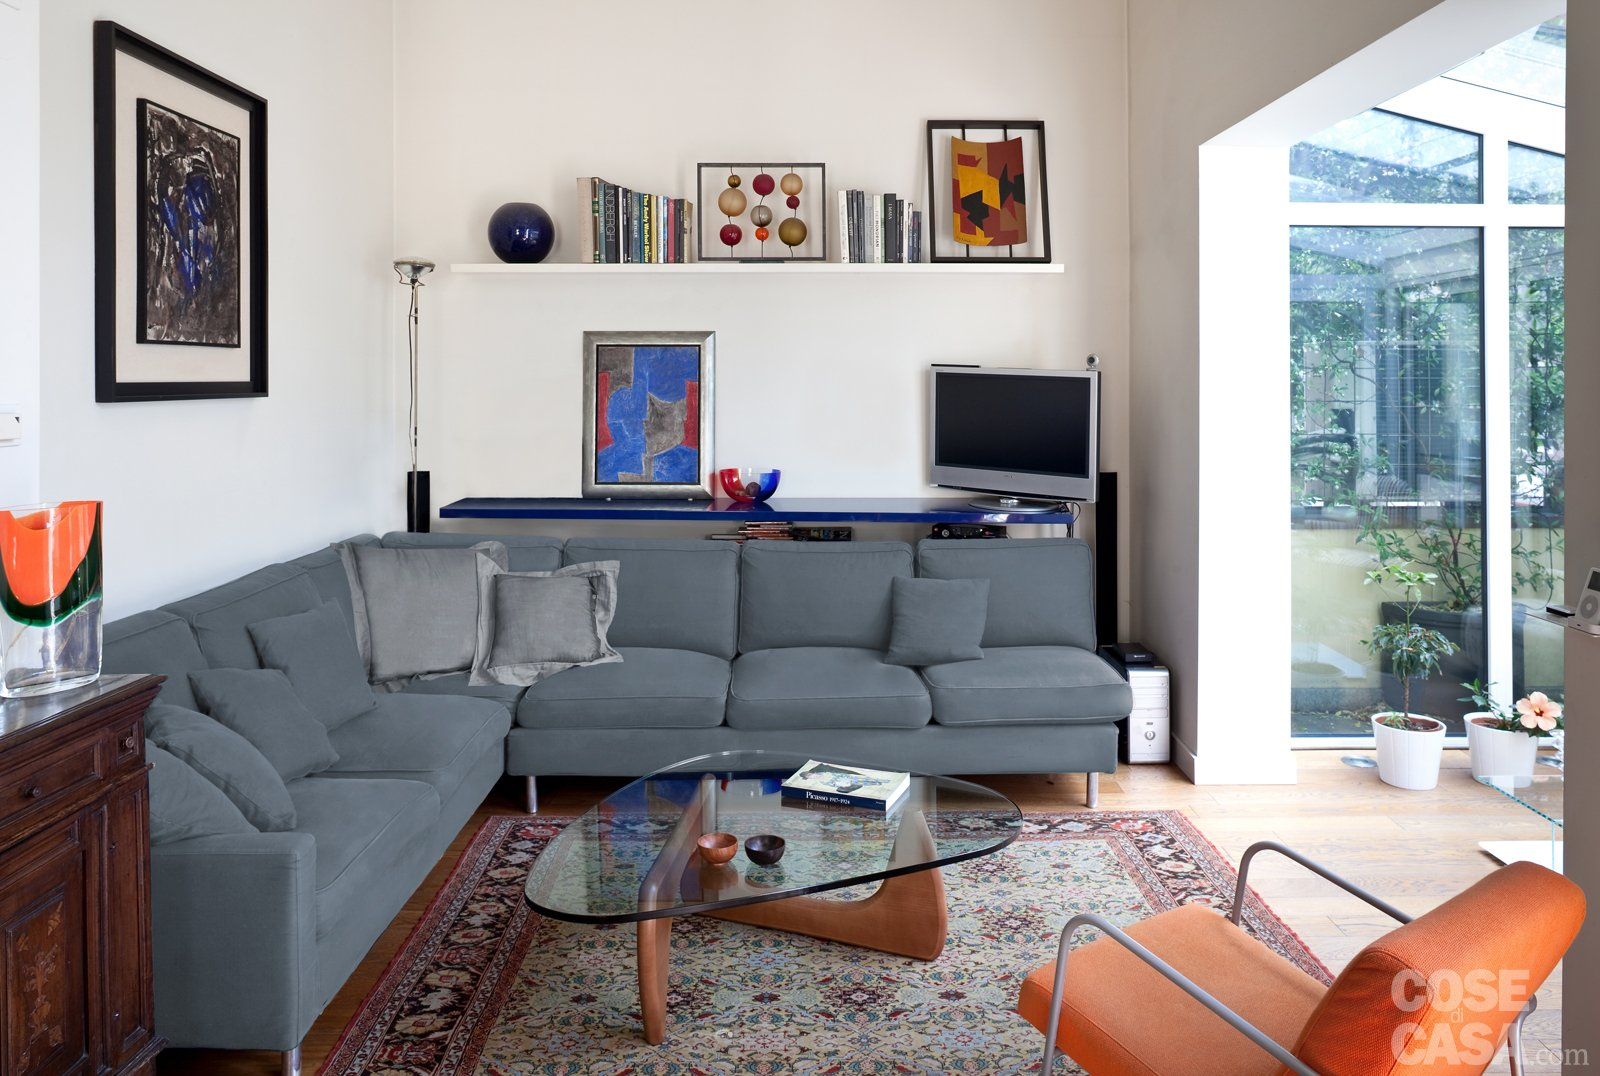 Casabook immobiliare 70 mq casa con veranda for Soggiorno ad angolo